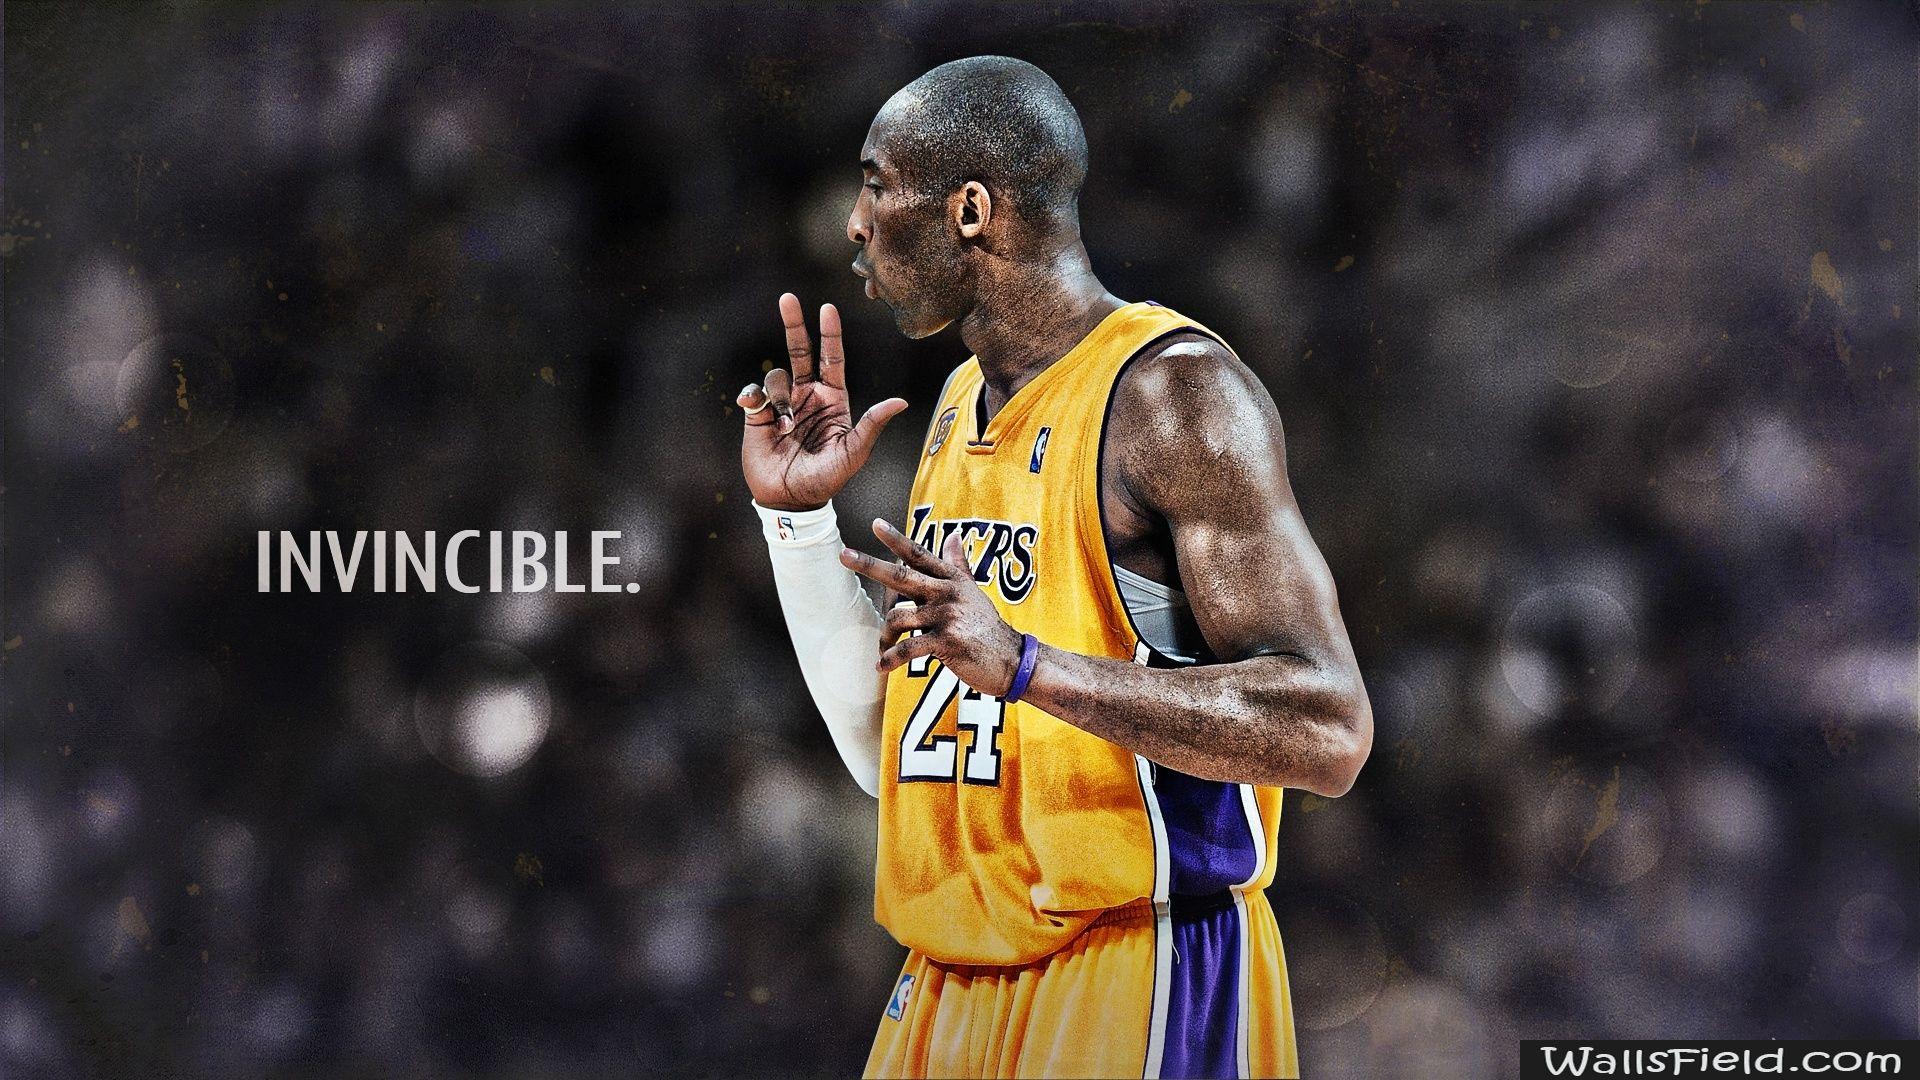 Kobe Bryant Invincible Basketbol